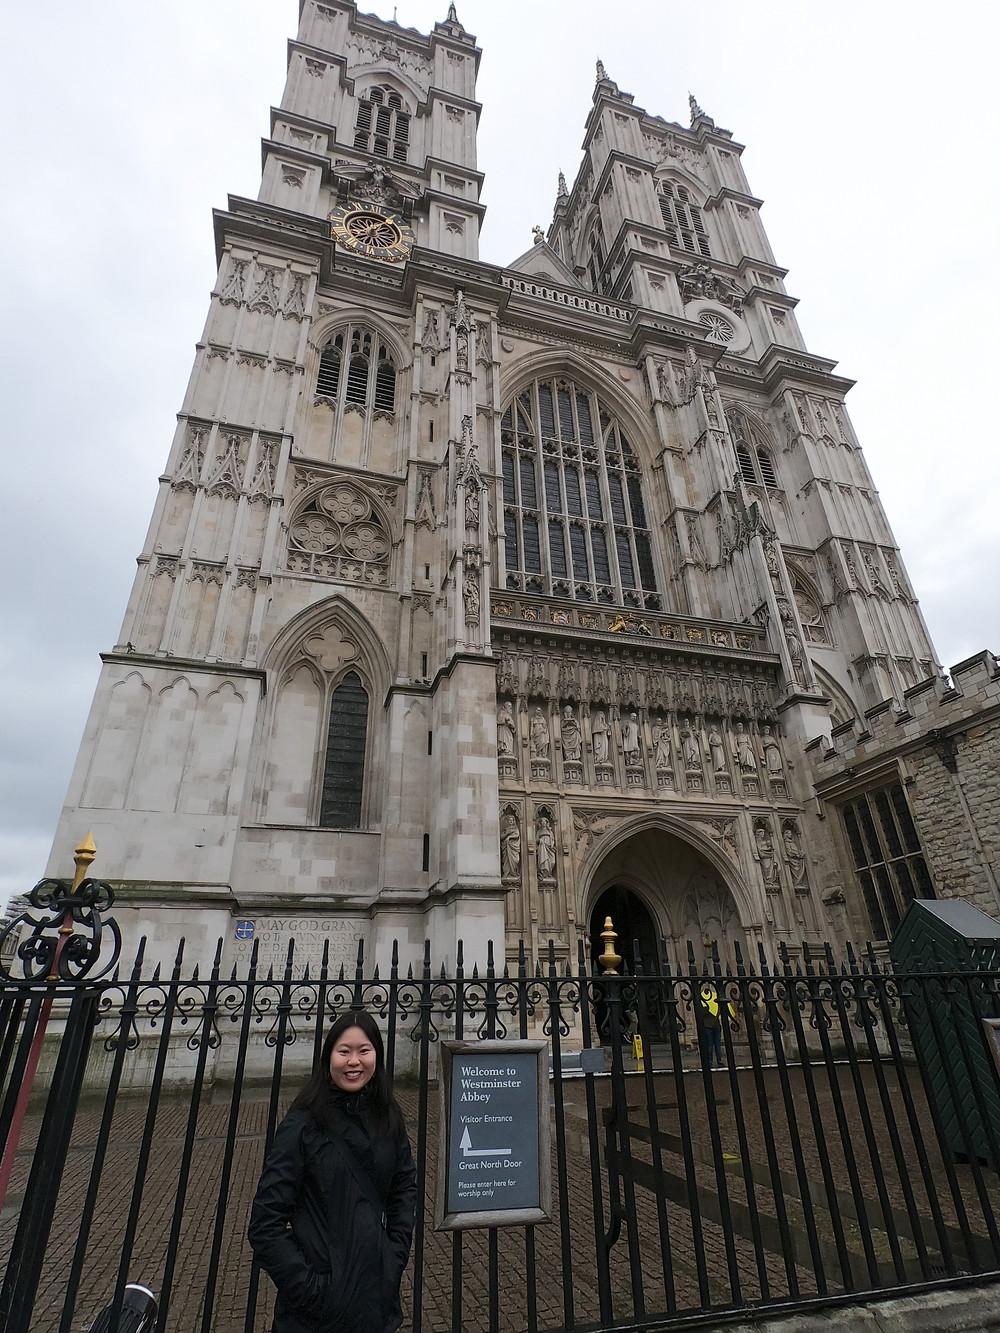 Westminster Abbey. Fachada da Abadia de Westminster com a estátua de 10 mártires modernos, dentre eles, Martin Luther King e Maximiliano Kolbe.